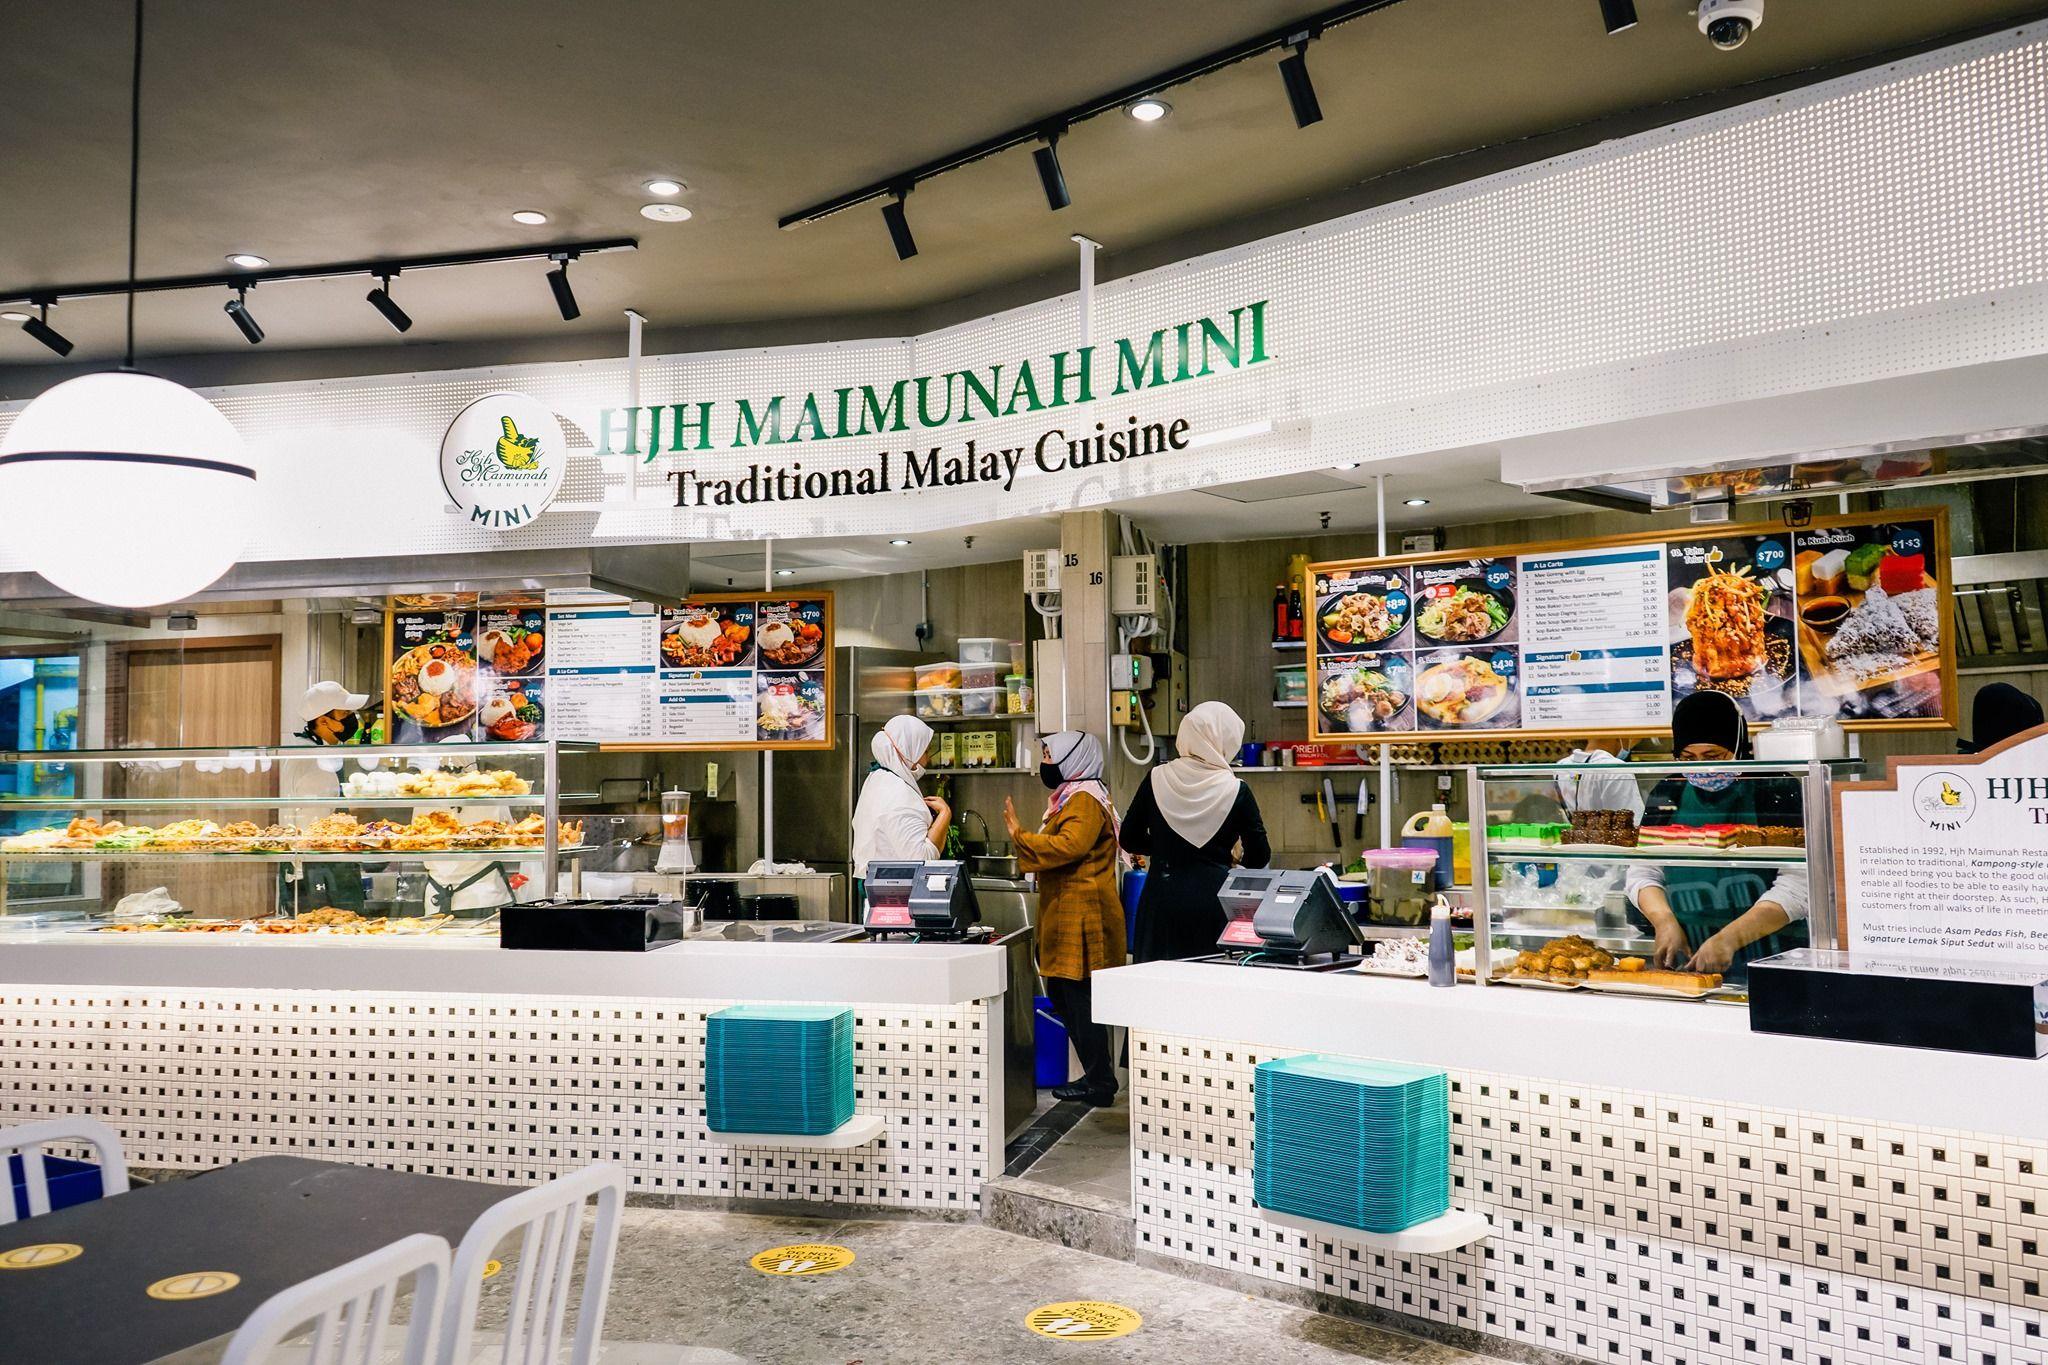 Hajah Maimunah Mini Halal Nasi Tampines hub